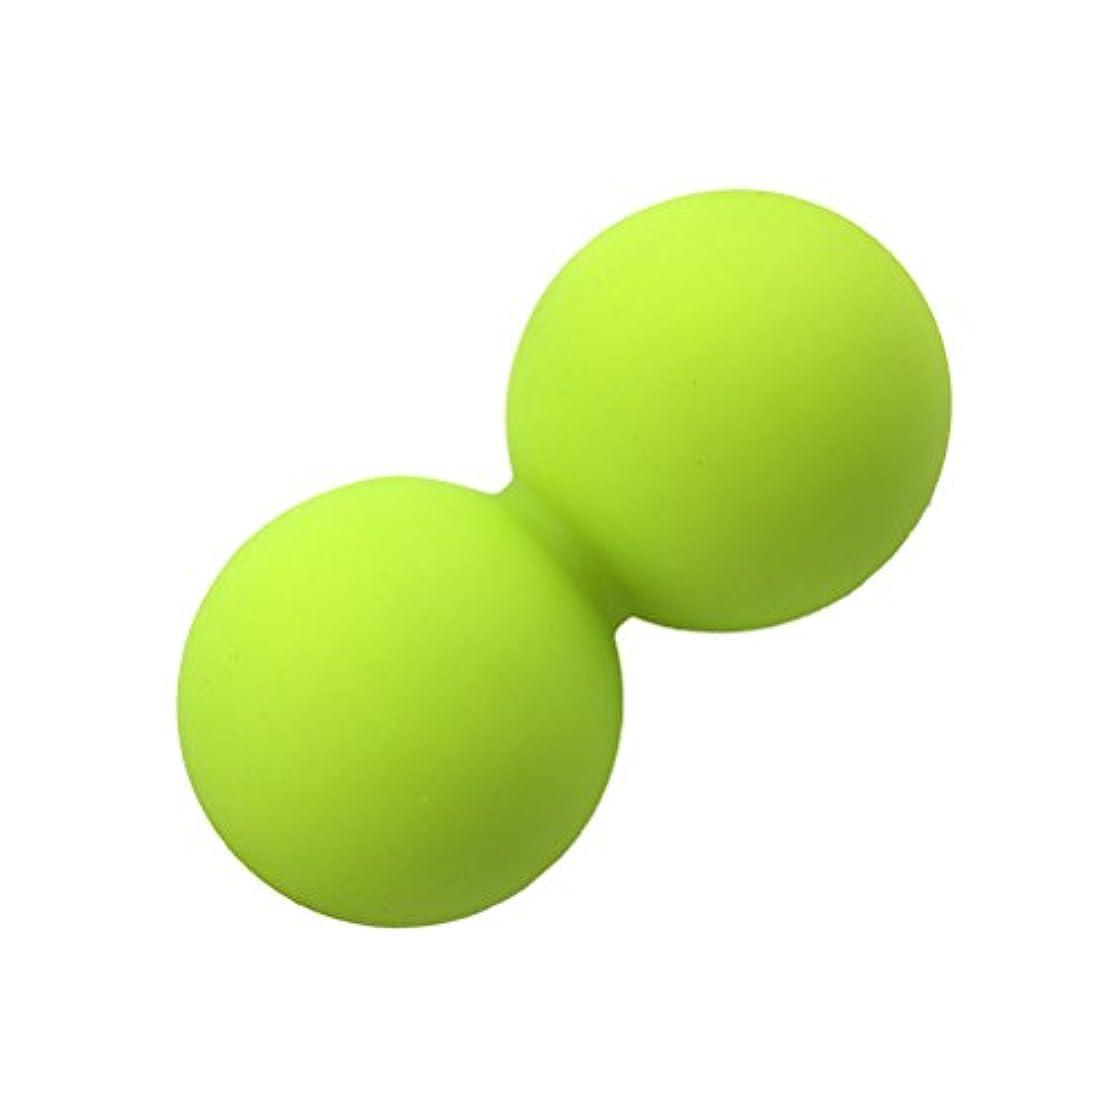 誠意湿度リフレッシュROSENICE ピーナッツマッサージボールヨガマッサージボールマッサージボールローラー(ブリリアントグリーン)